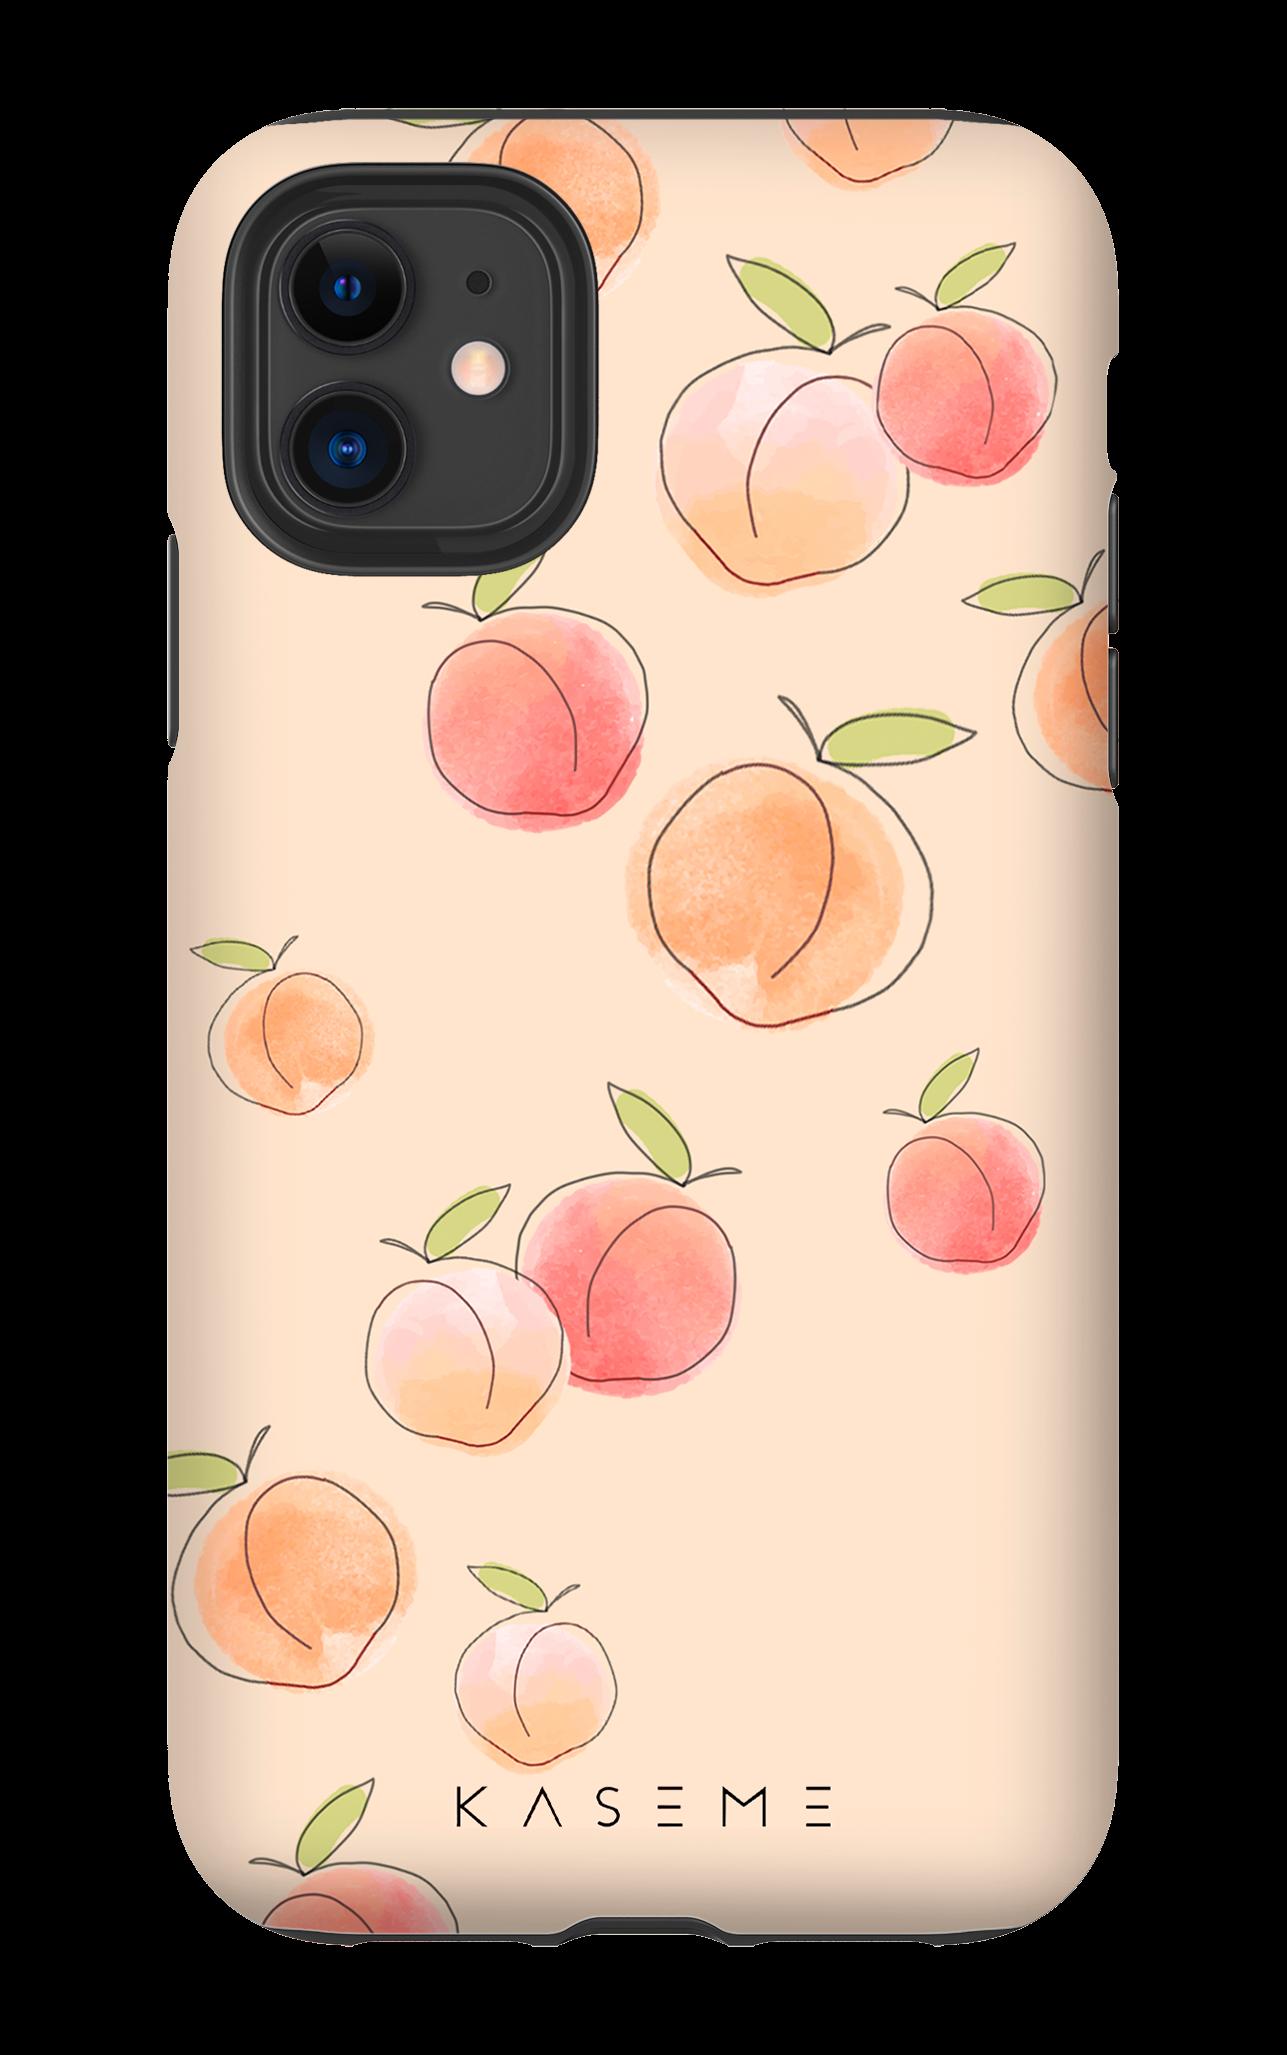 Peachy phone case